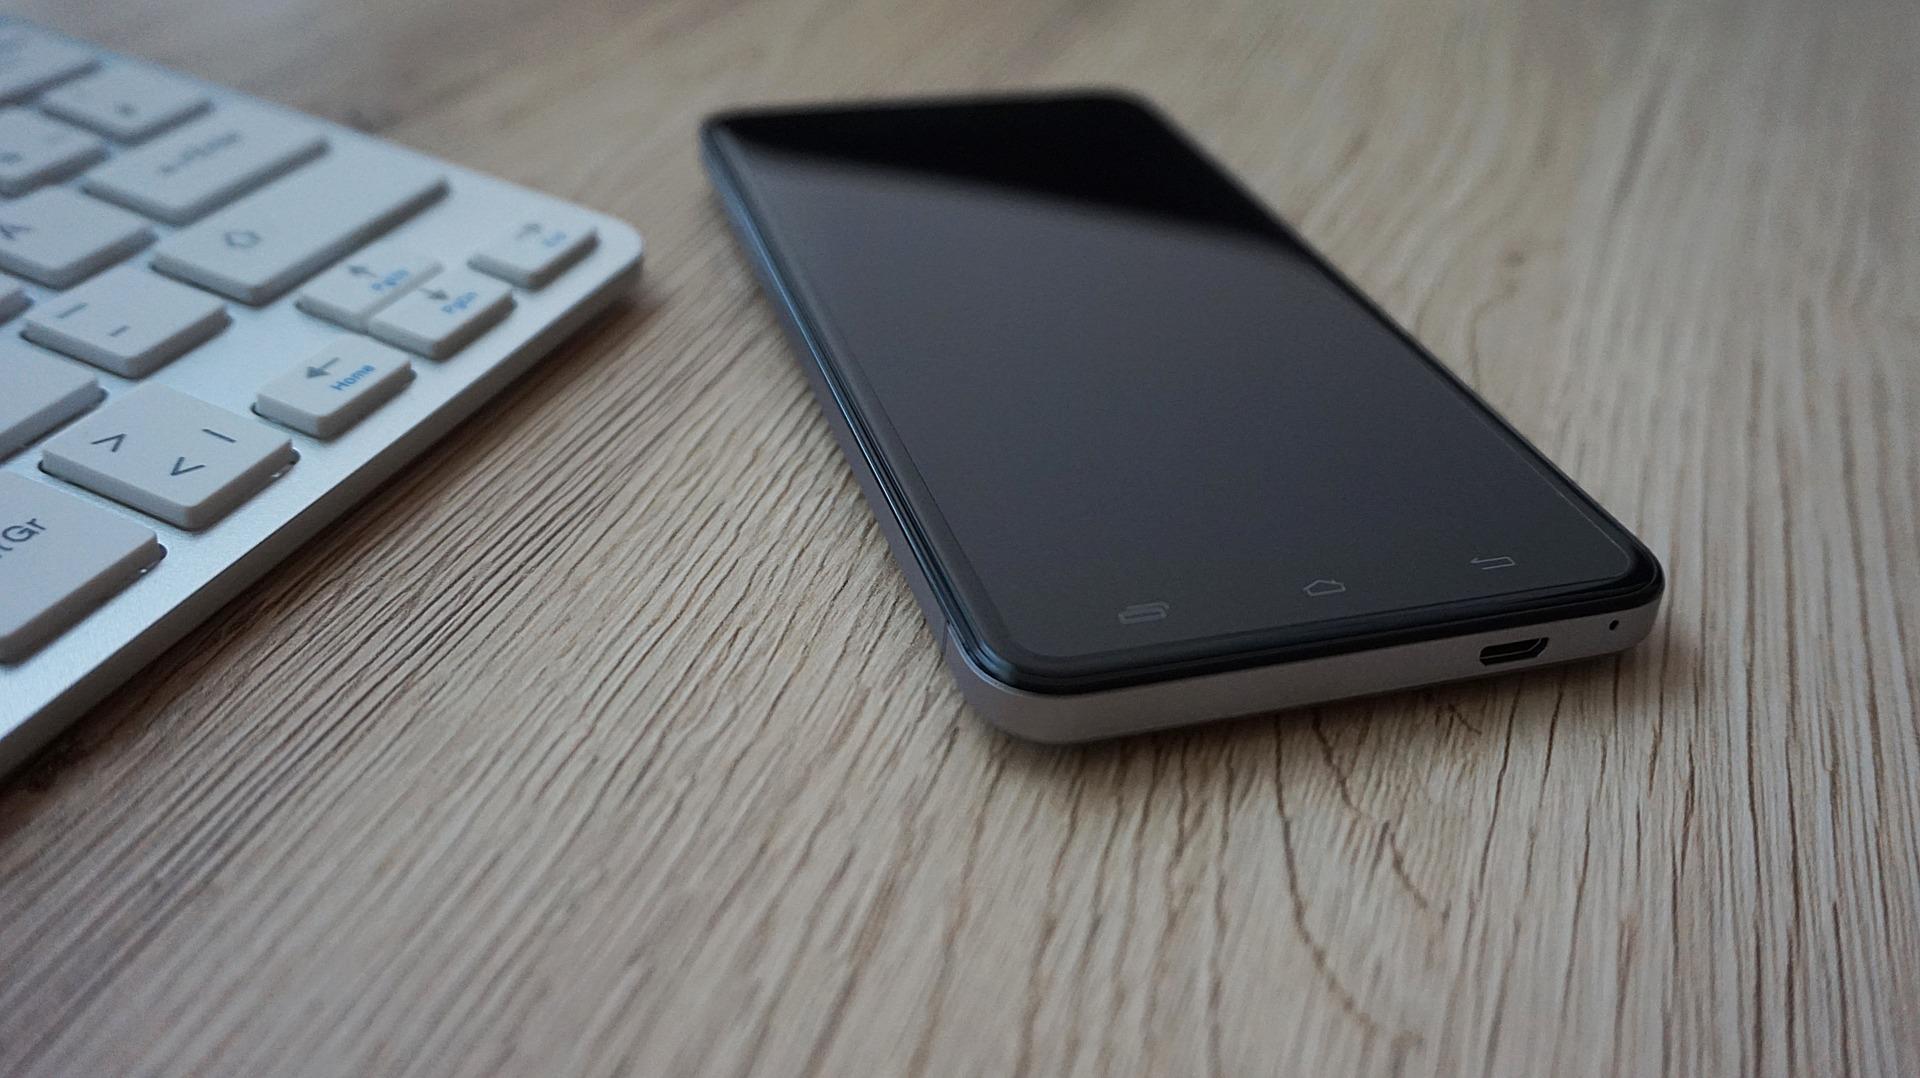 Вбазе данных Geekbench появился неизвестный смартфон Asus